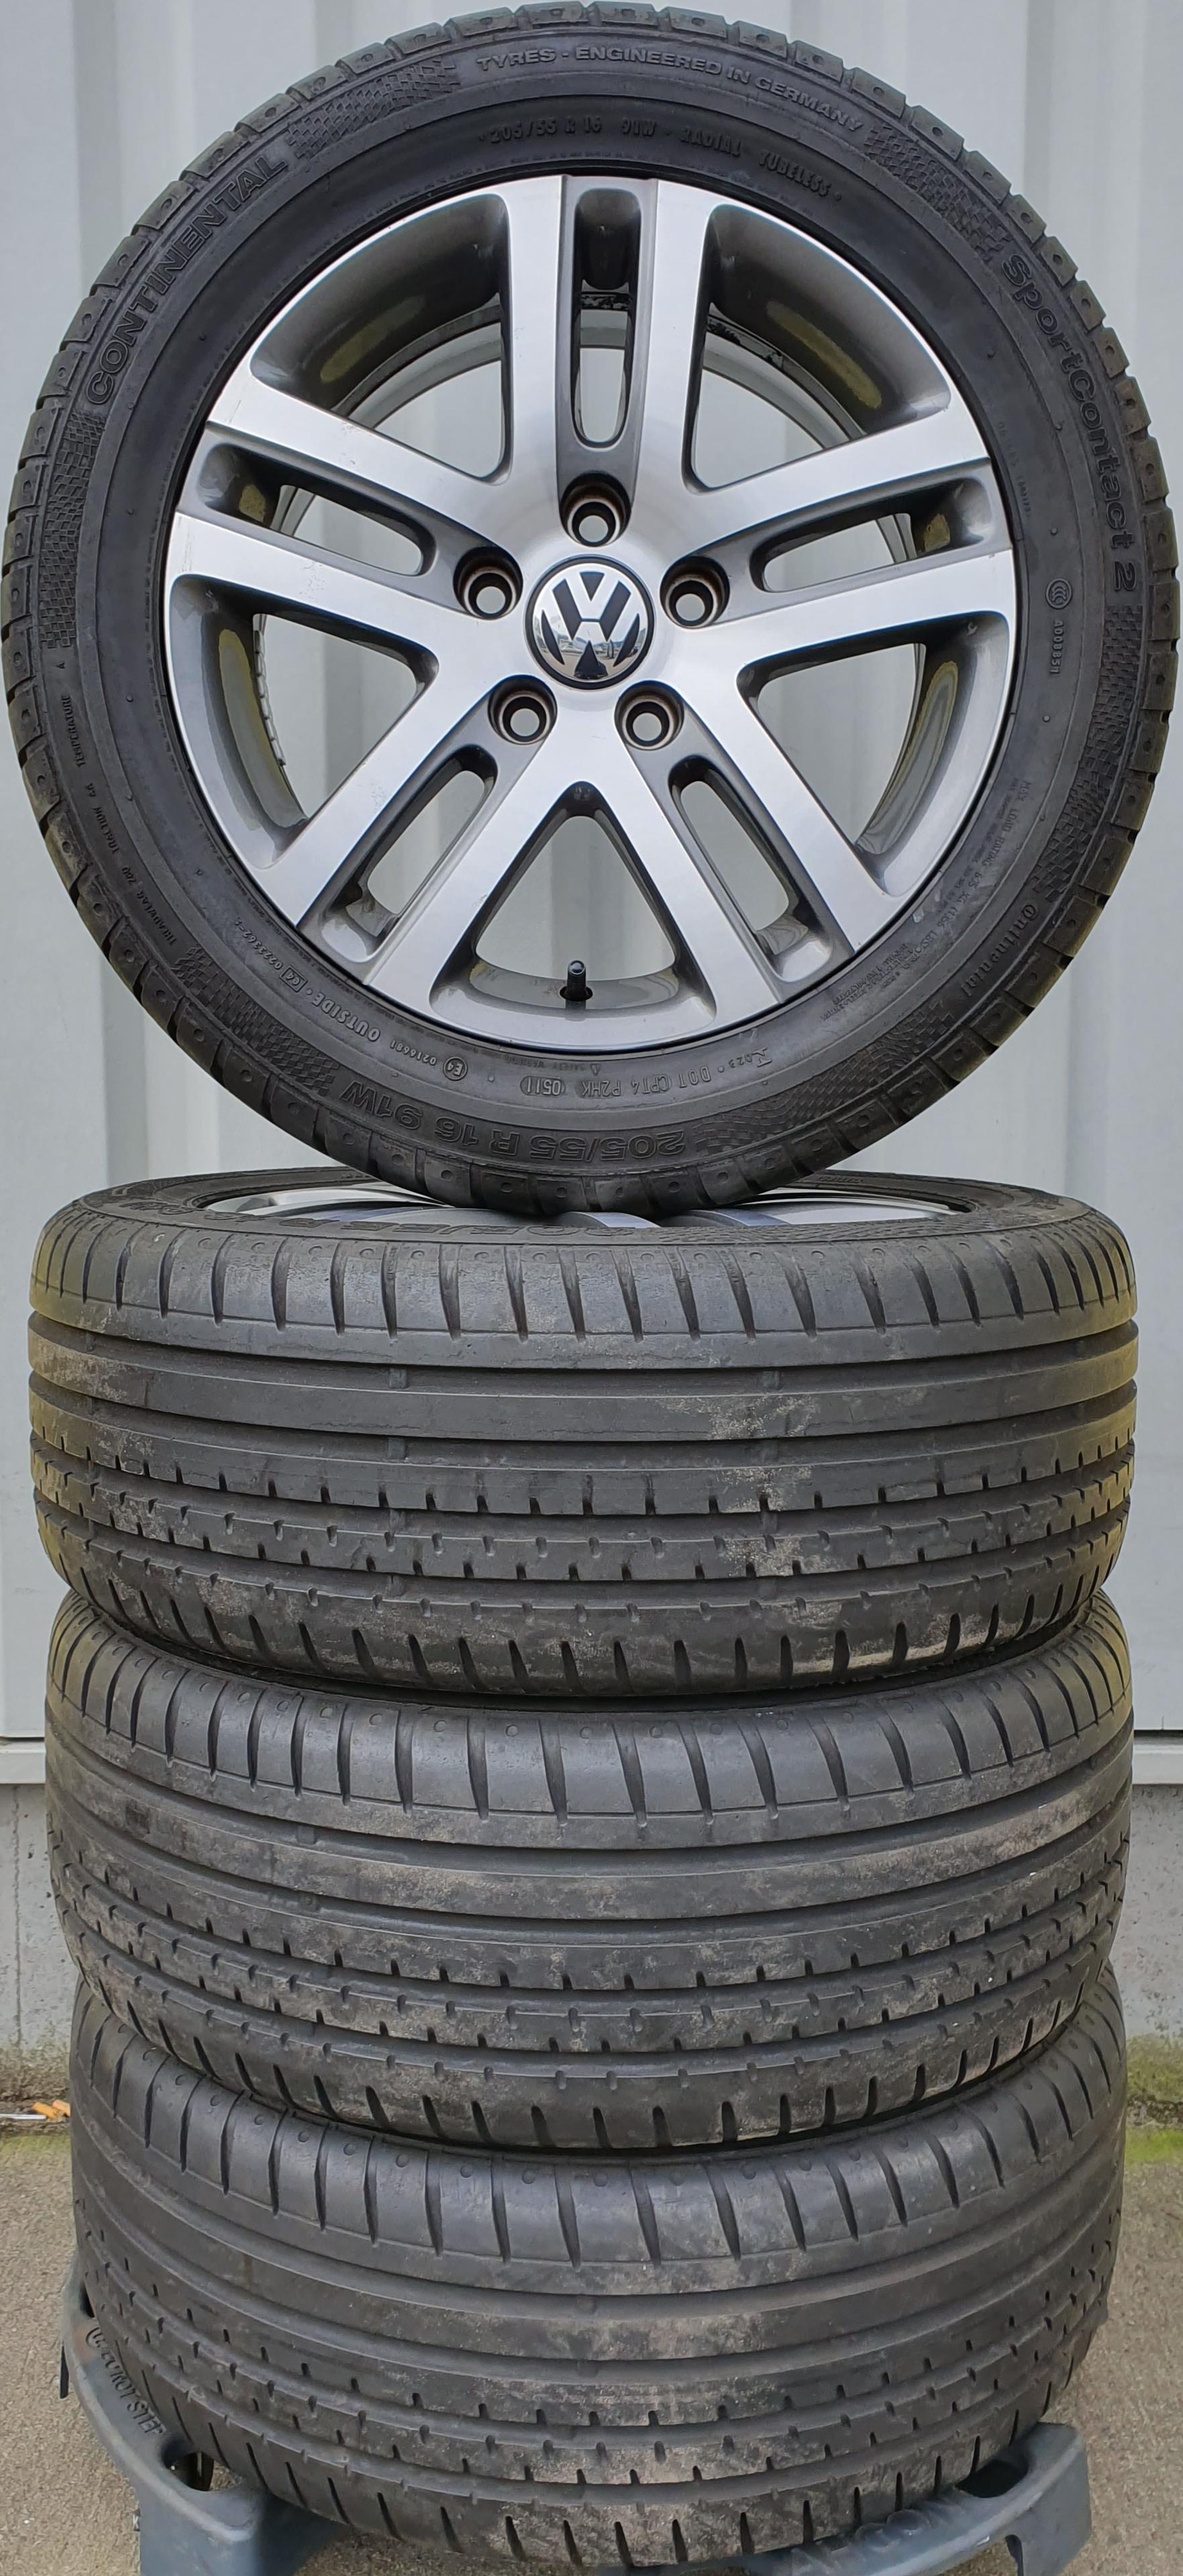 gebruikte set Volkswagen 16 inch Lm